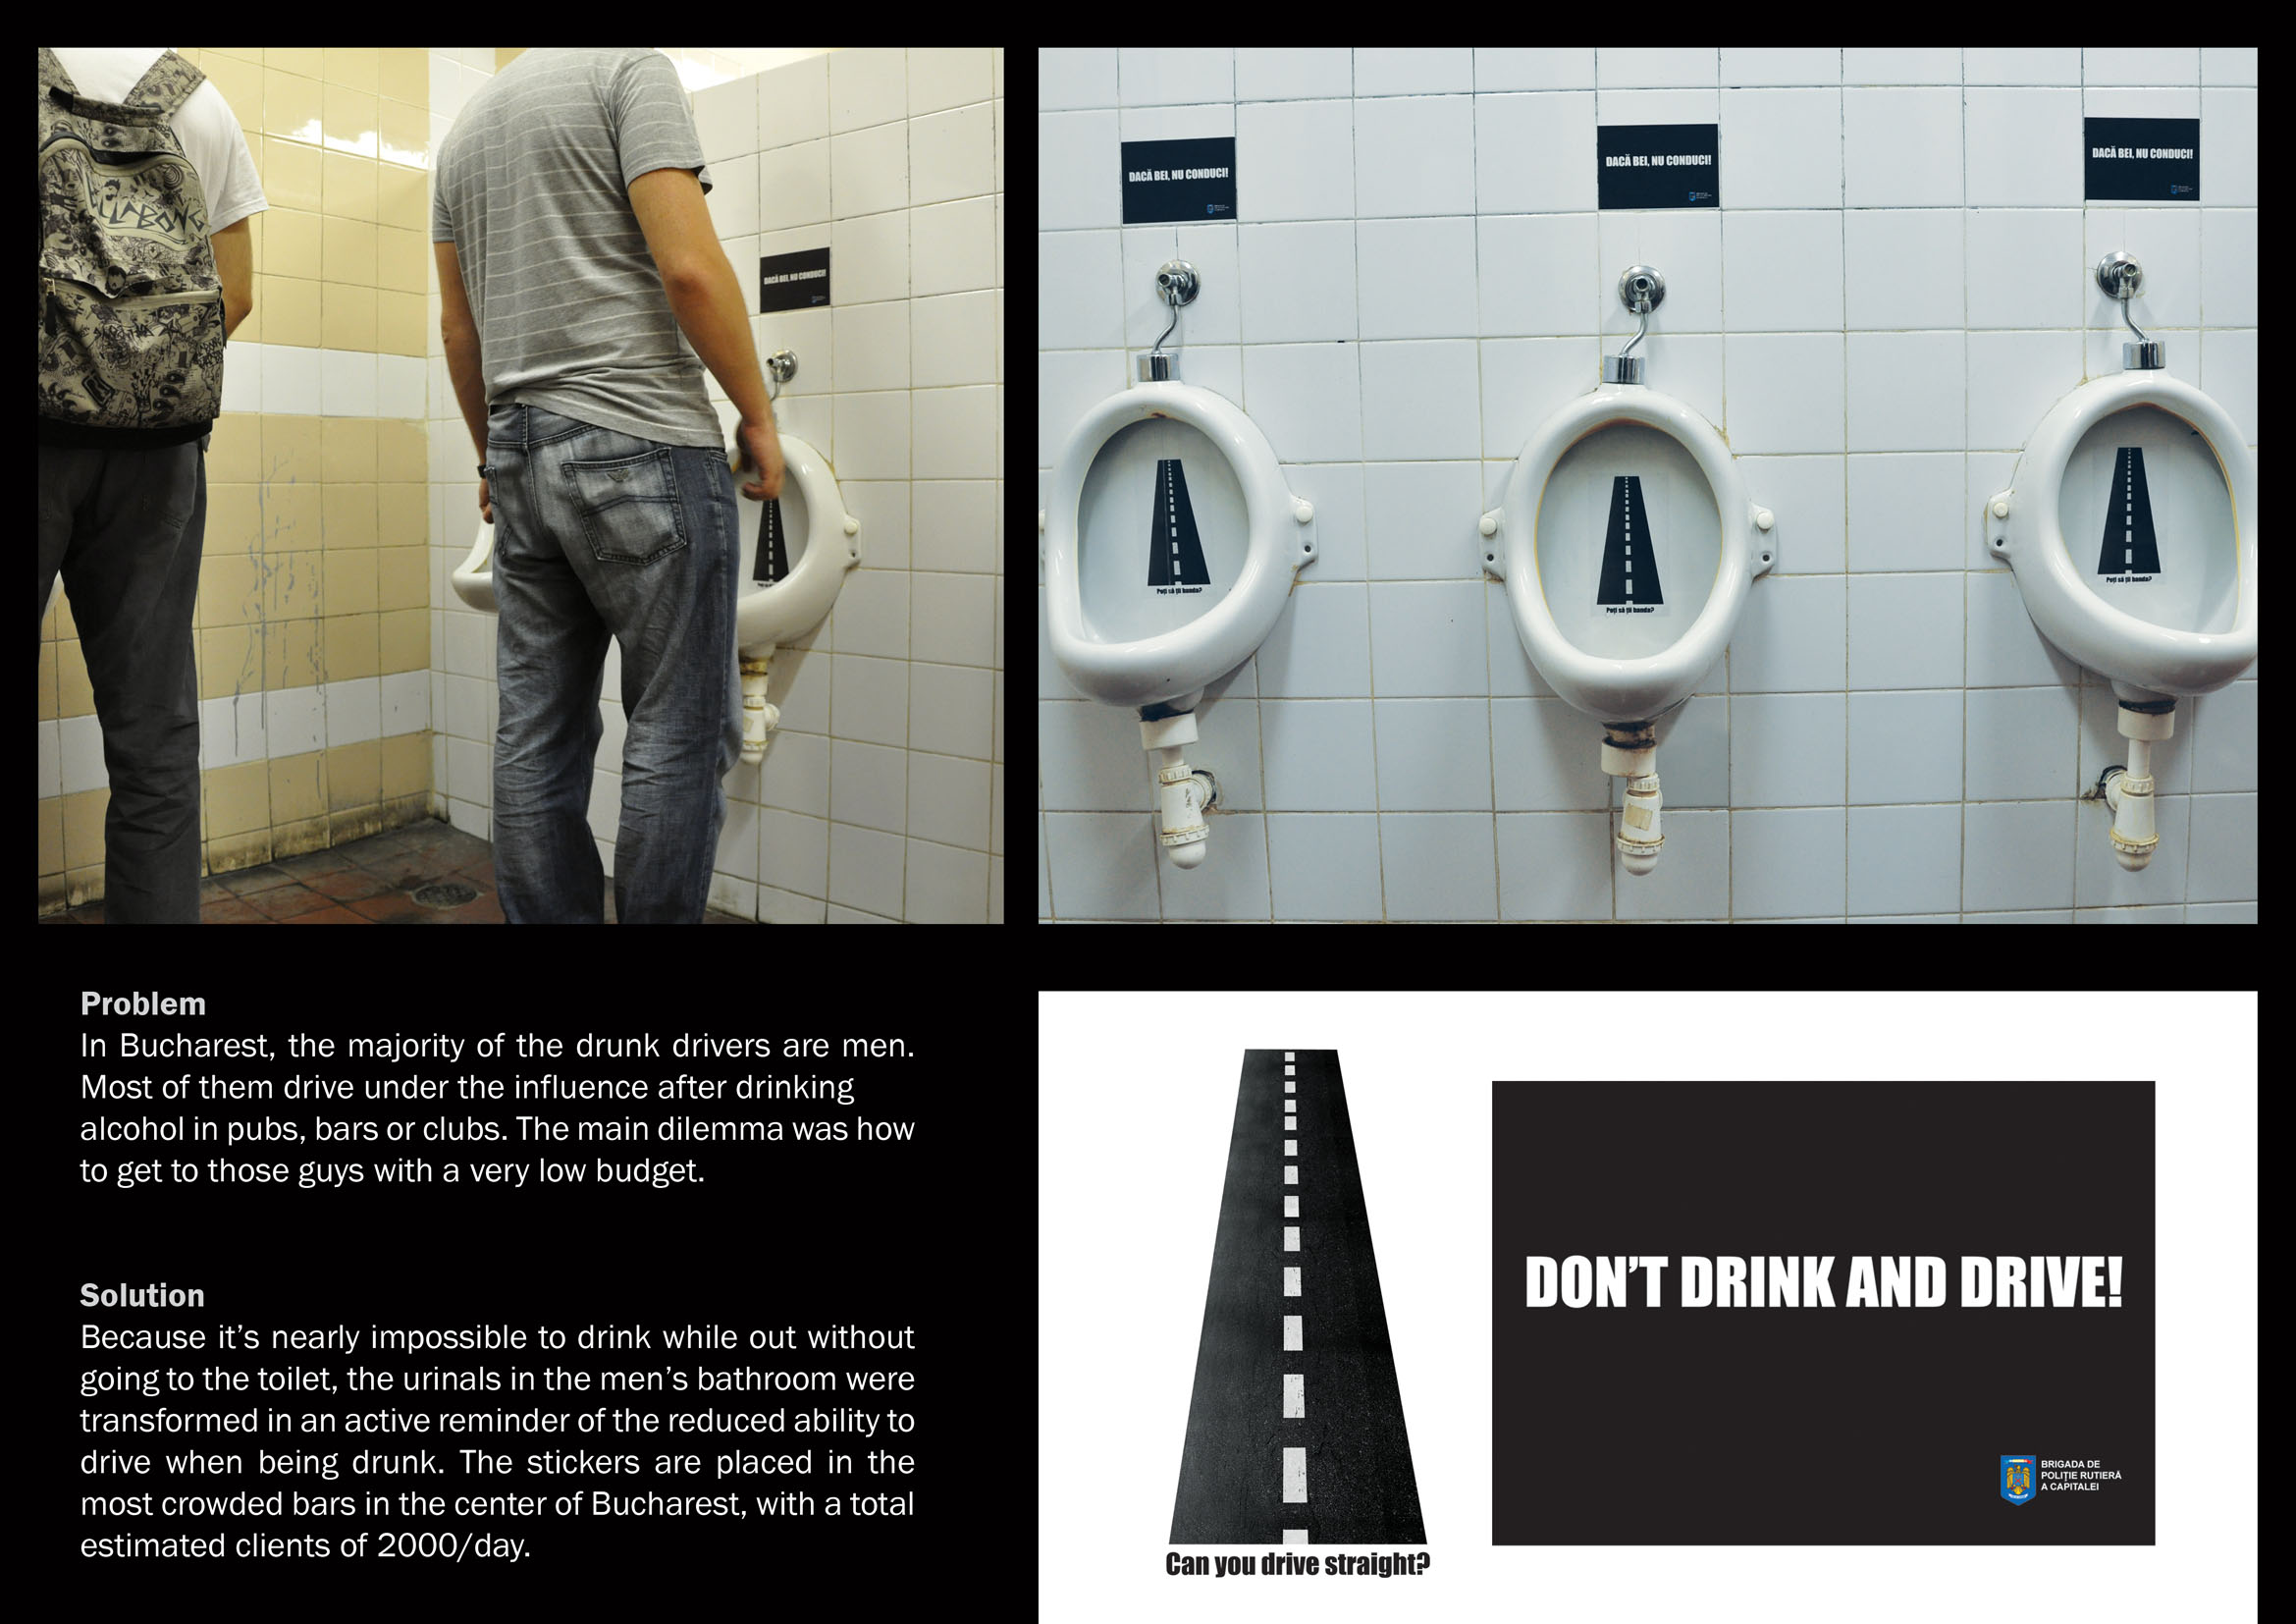 Des la prévention dans des urinoirs à Bucarest